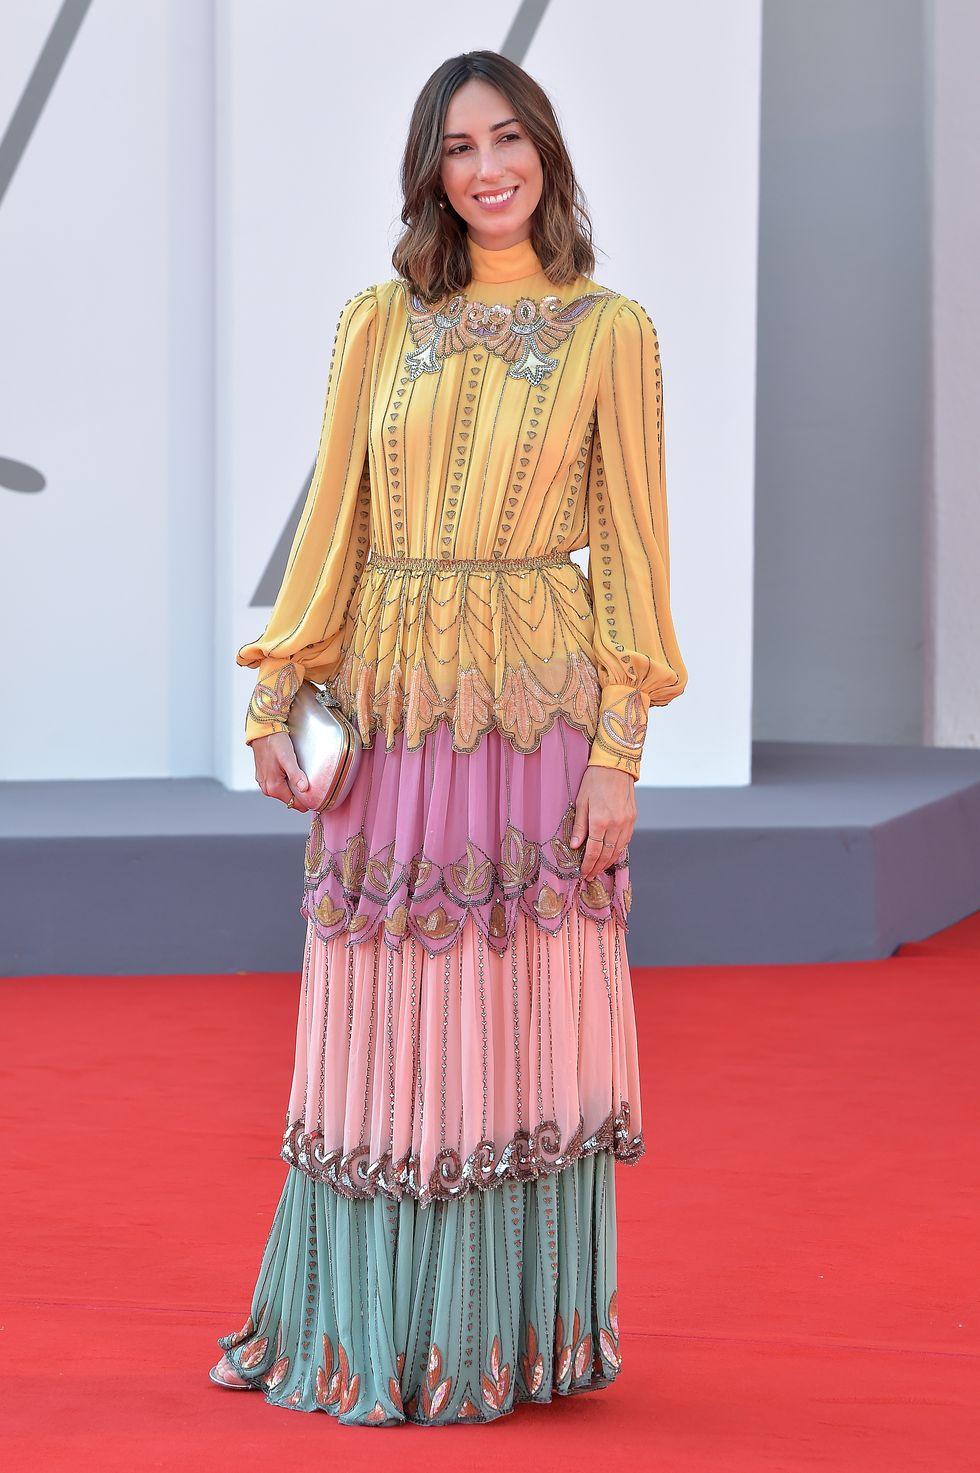 ベネチア国際映画祭2020|セレブのレッドカーペットドレス速報【2020】 レッドカーペットドレス, ドレス